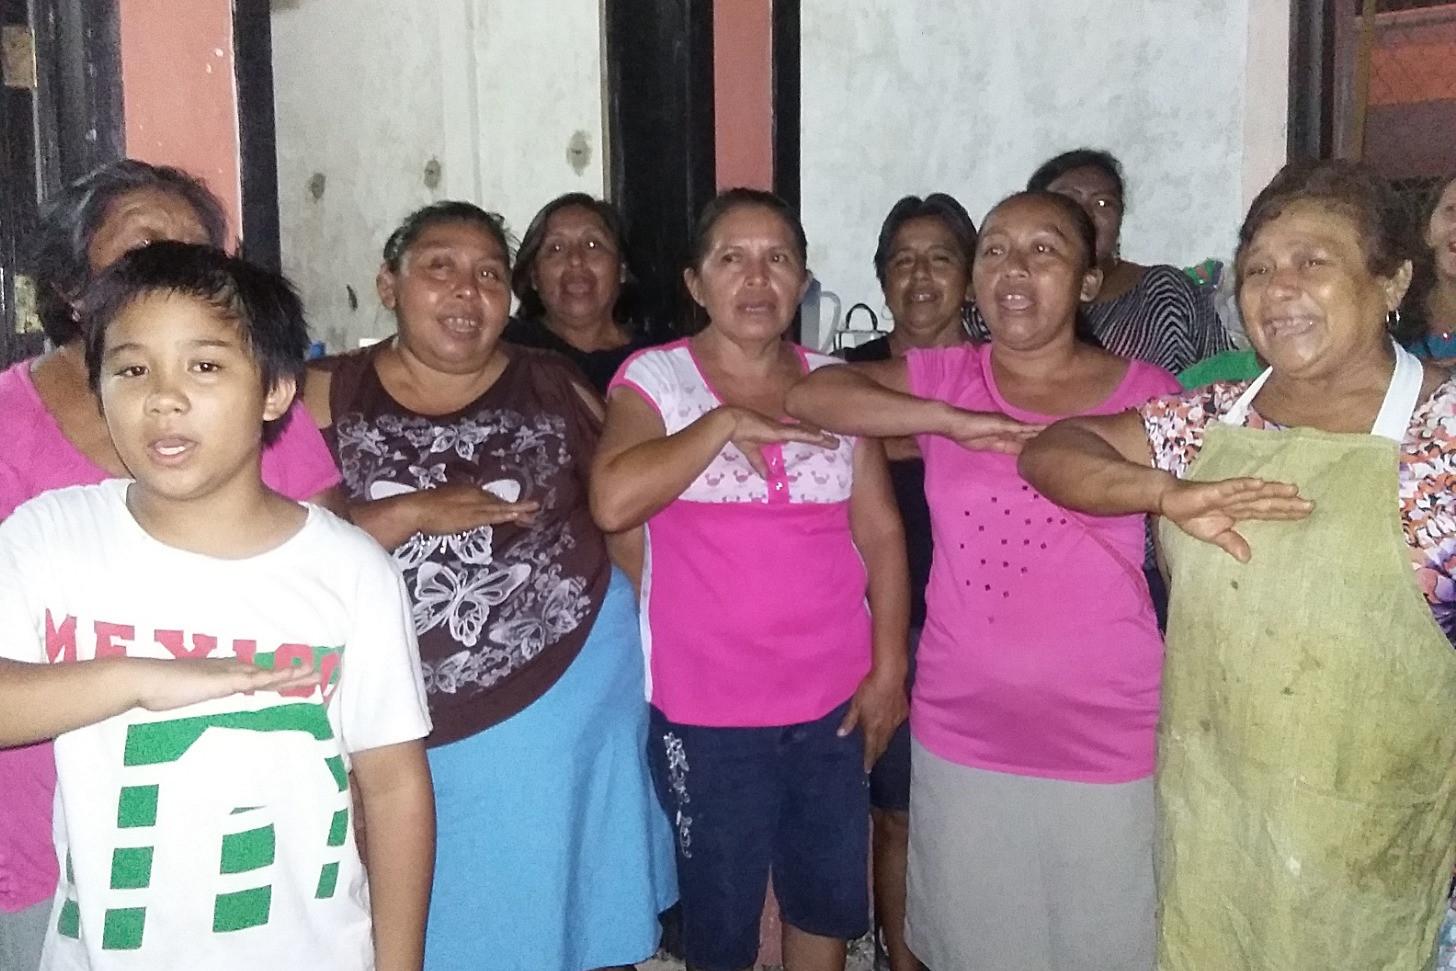 Natl himno con las hermanas_edited.jpg